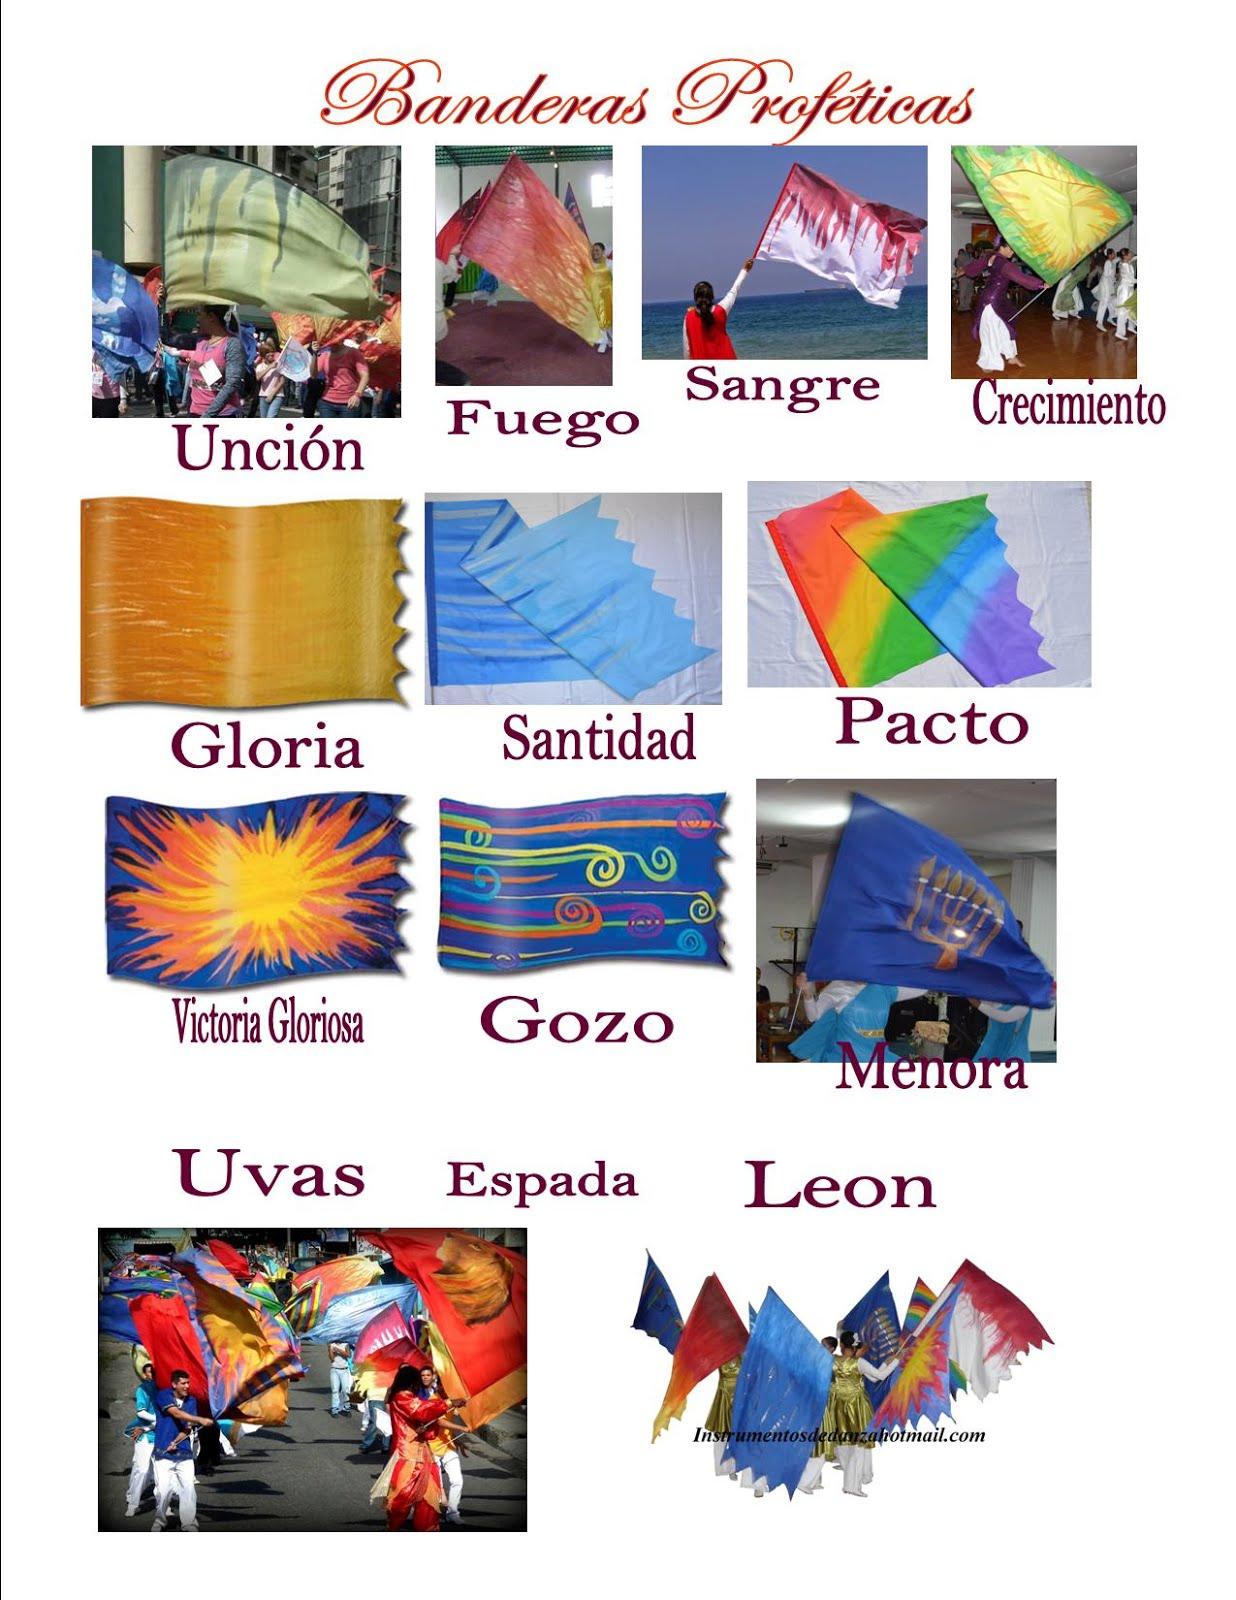 Banderas Prófeticas